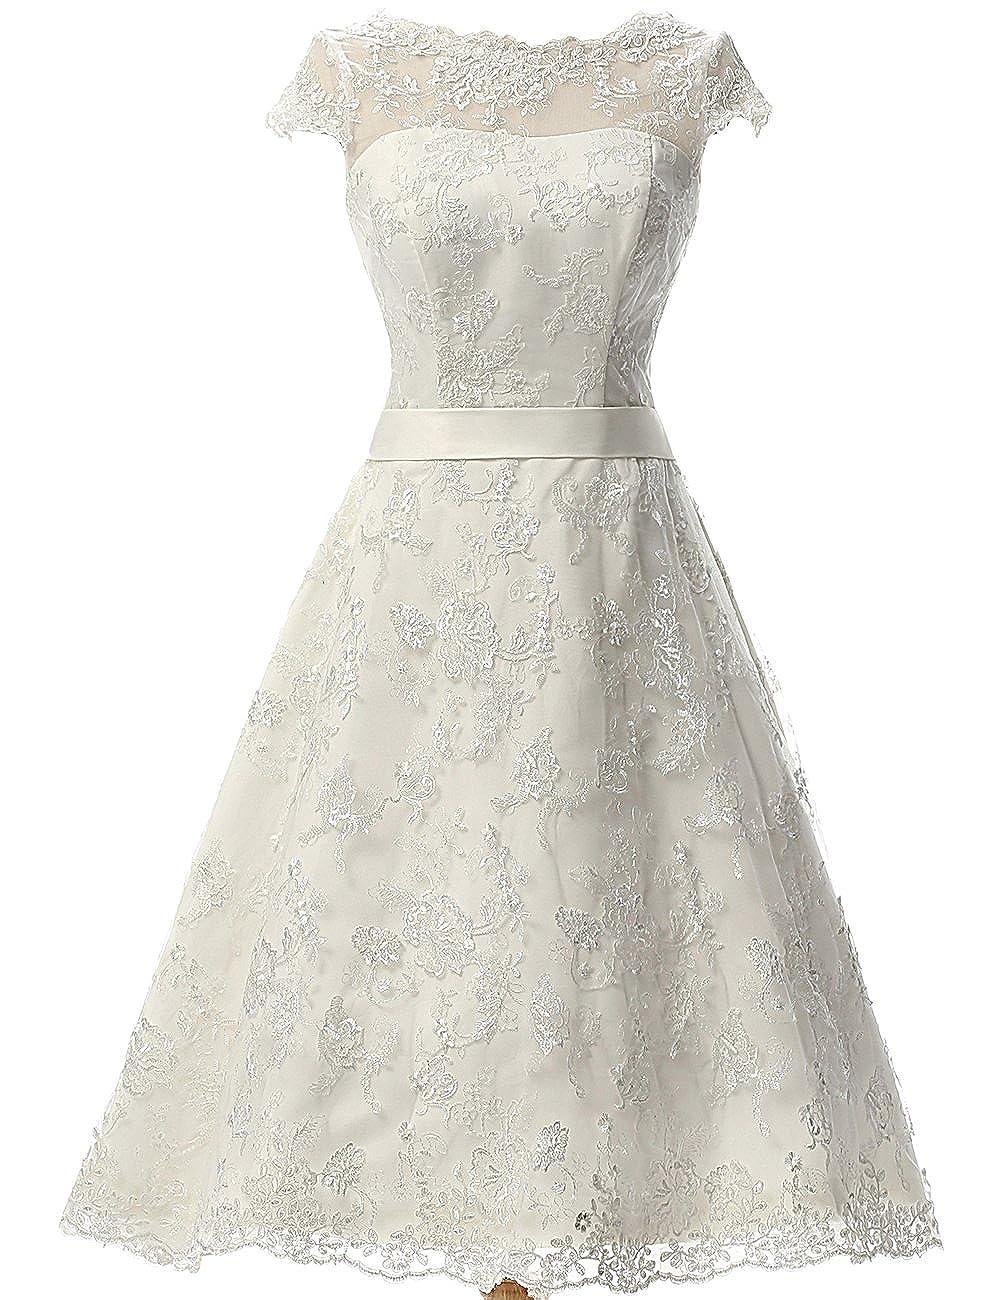 JAEDEN Women's Vintage Lace Wedding Dress Short Bridal Gown Dresses with Sash A-W118